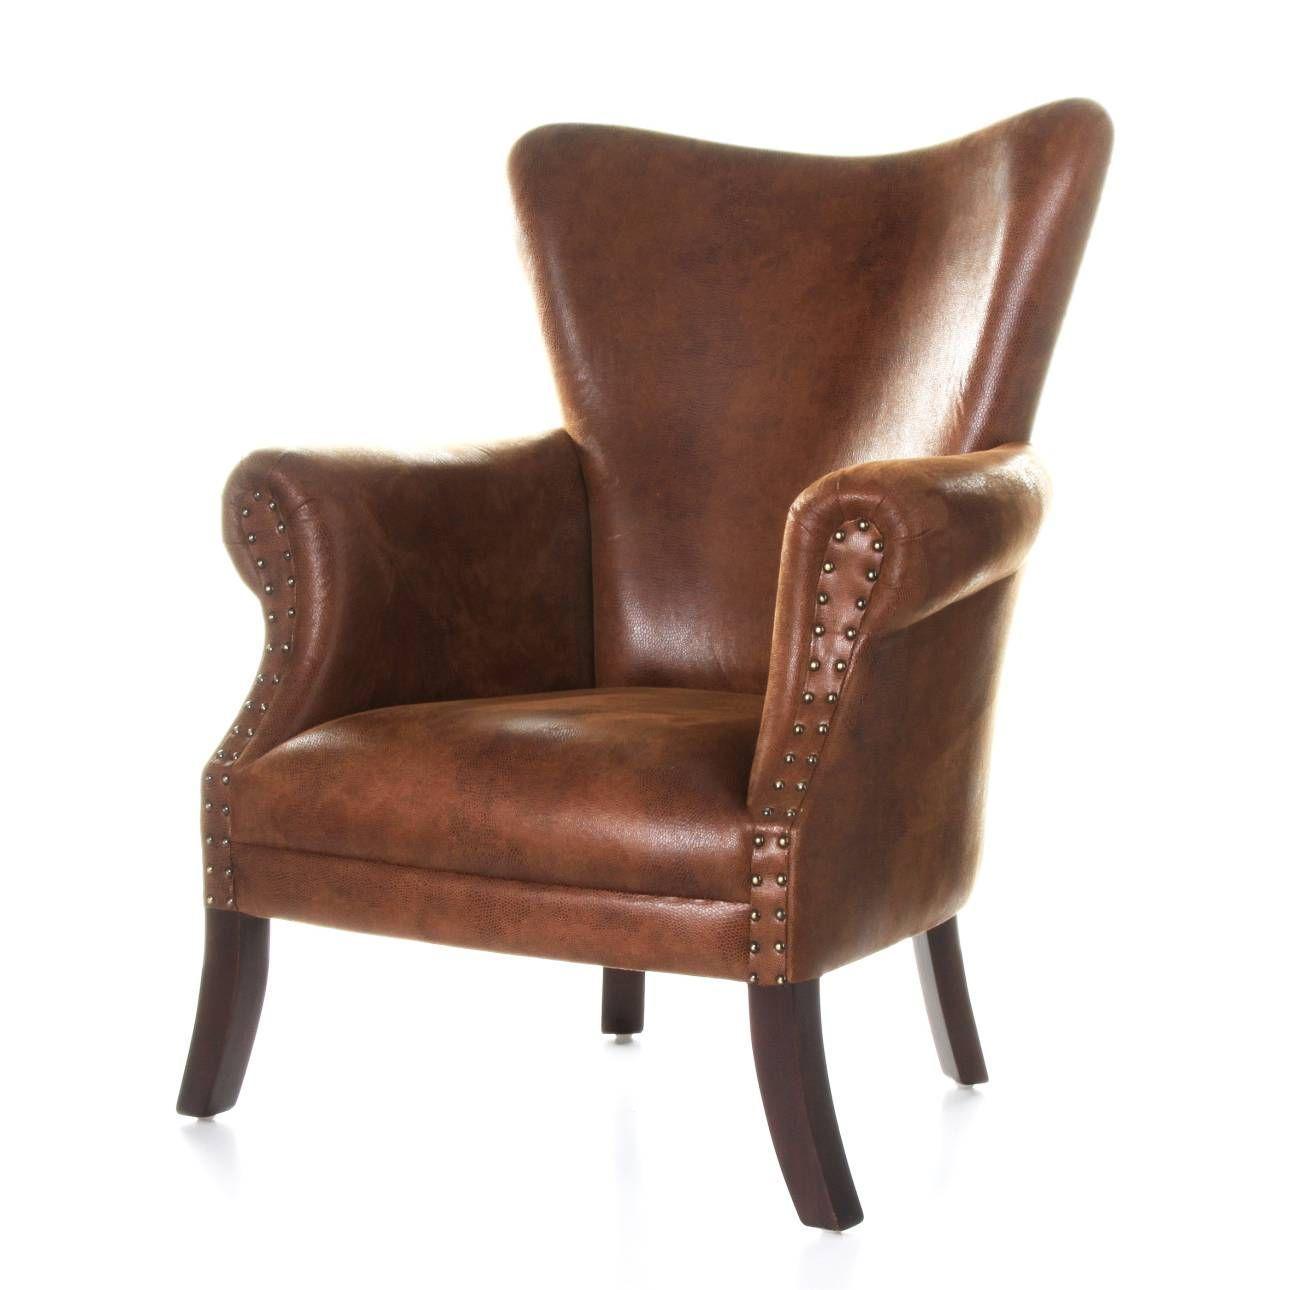 Fotele Obrotowe Nowoczesne Do Salonu Fotele Do Spania Cena Meble Wypoczynkowe Fotele Modne Fotele Do Pokoju Fotele Skor Wingback Chair Dekoria Armchair